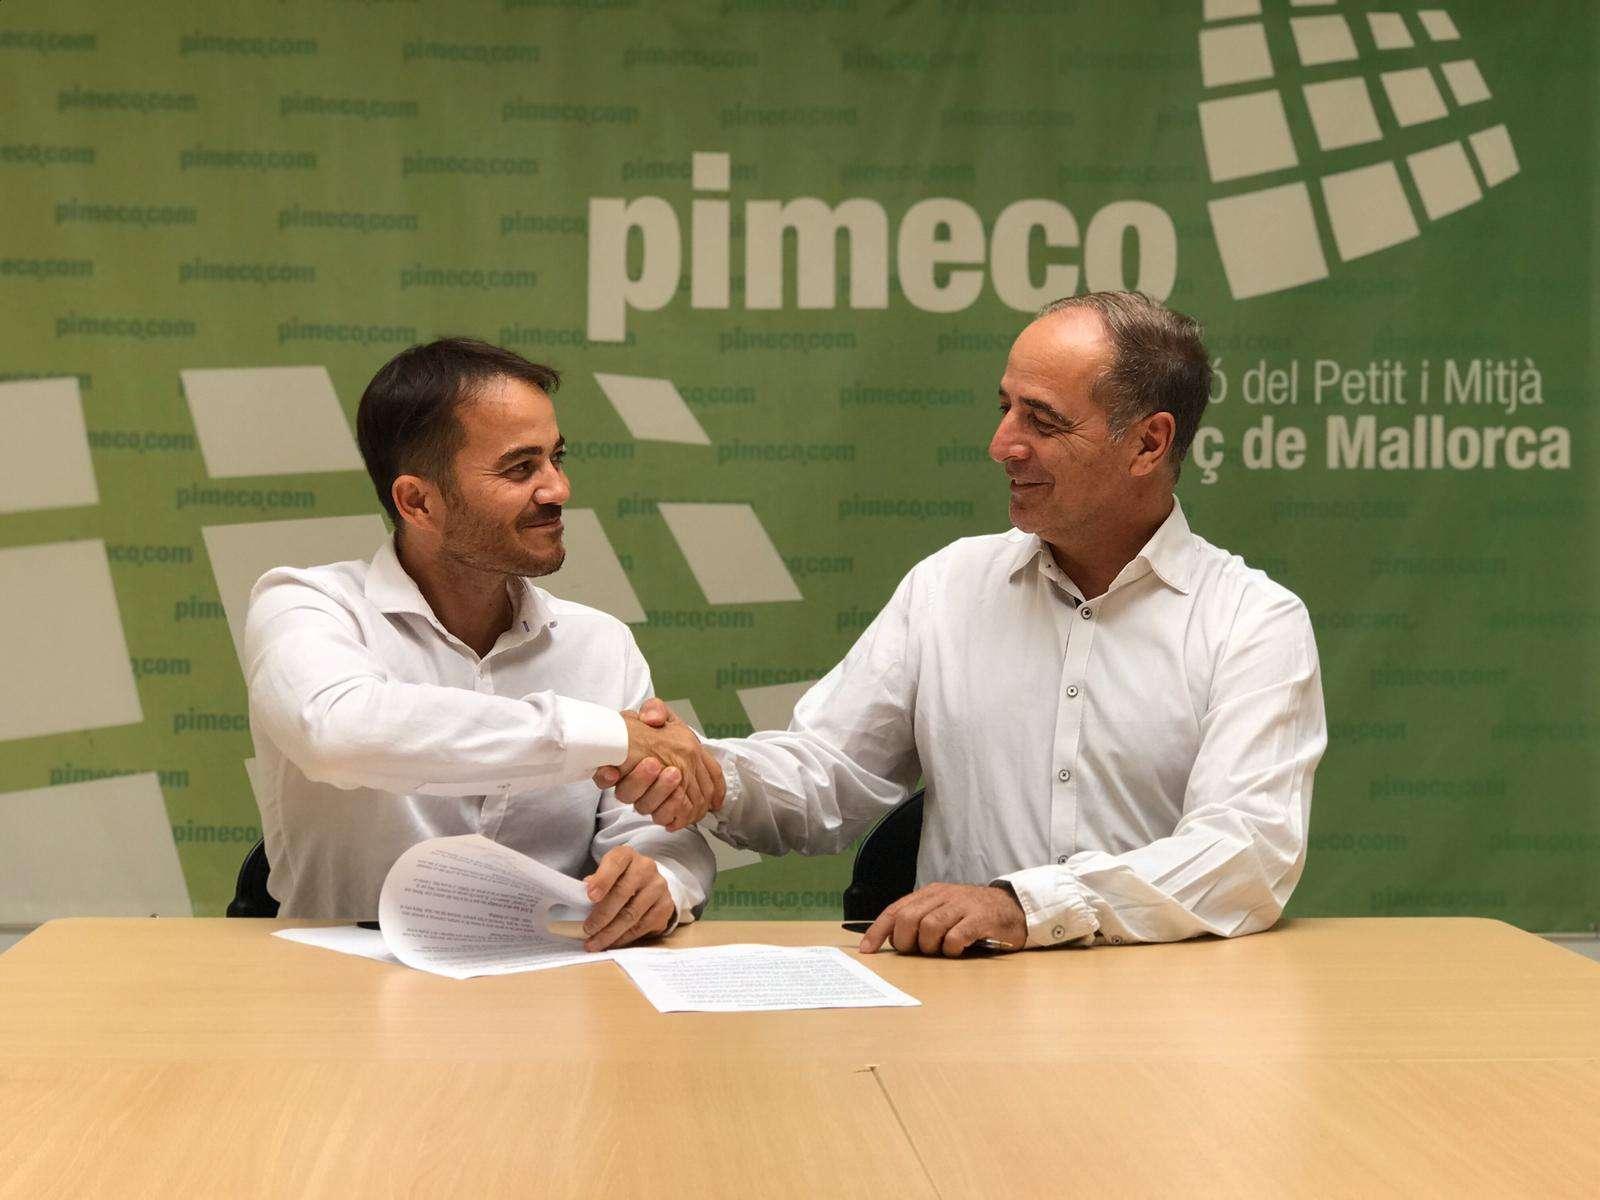 PIMECO FITXA AL GUIONISTA ERNEST RIERA PER GRAVAR UN CURTMETRATGE